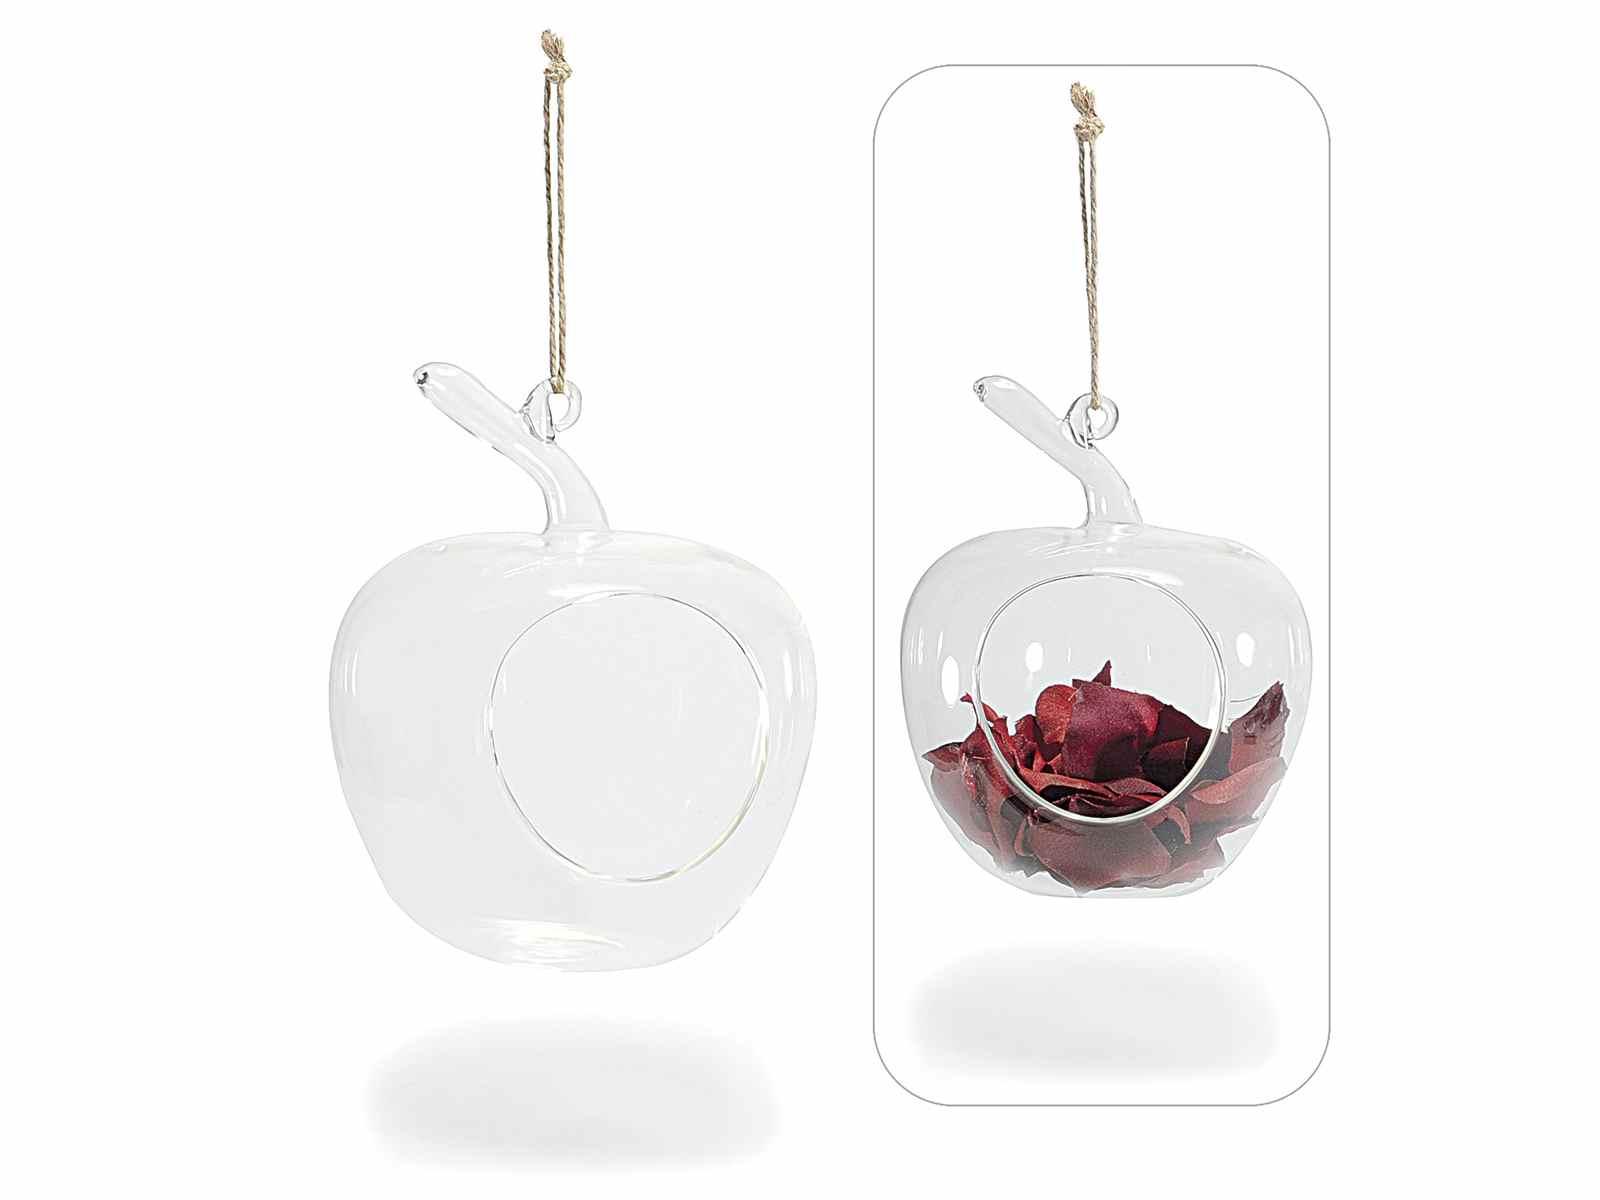 Contenitore a mela portafiori in vetro da appendere - Portafiori in vetro ...